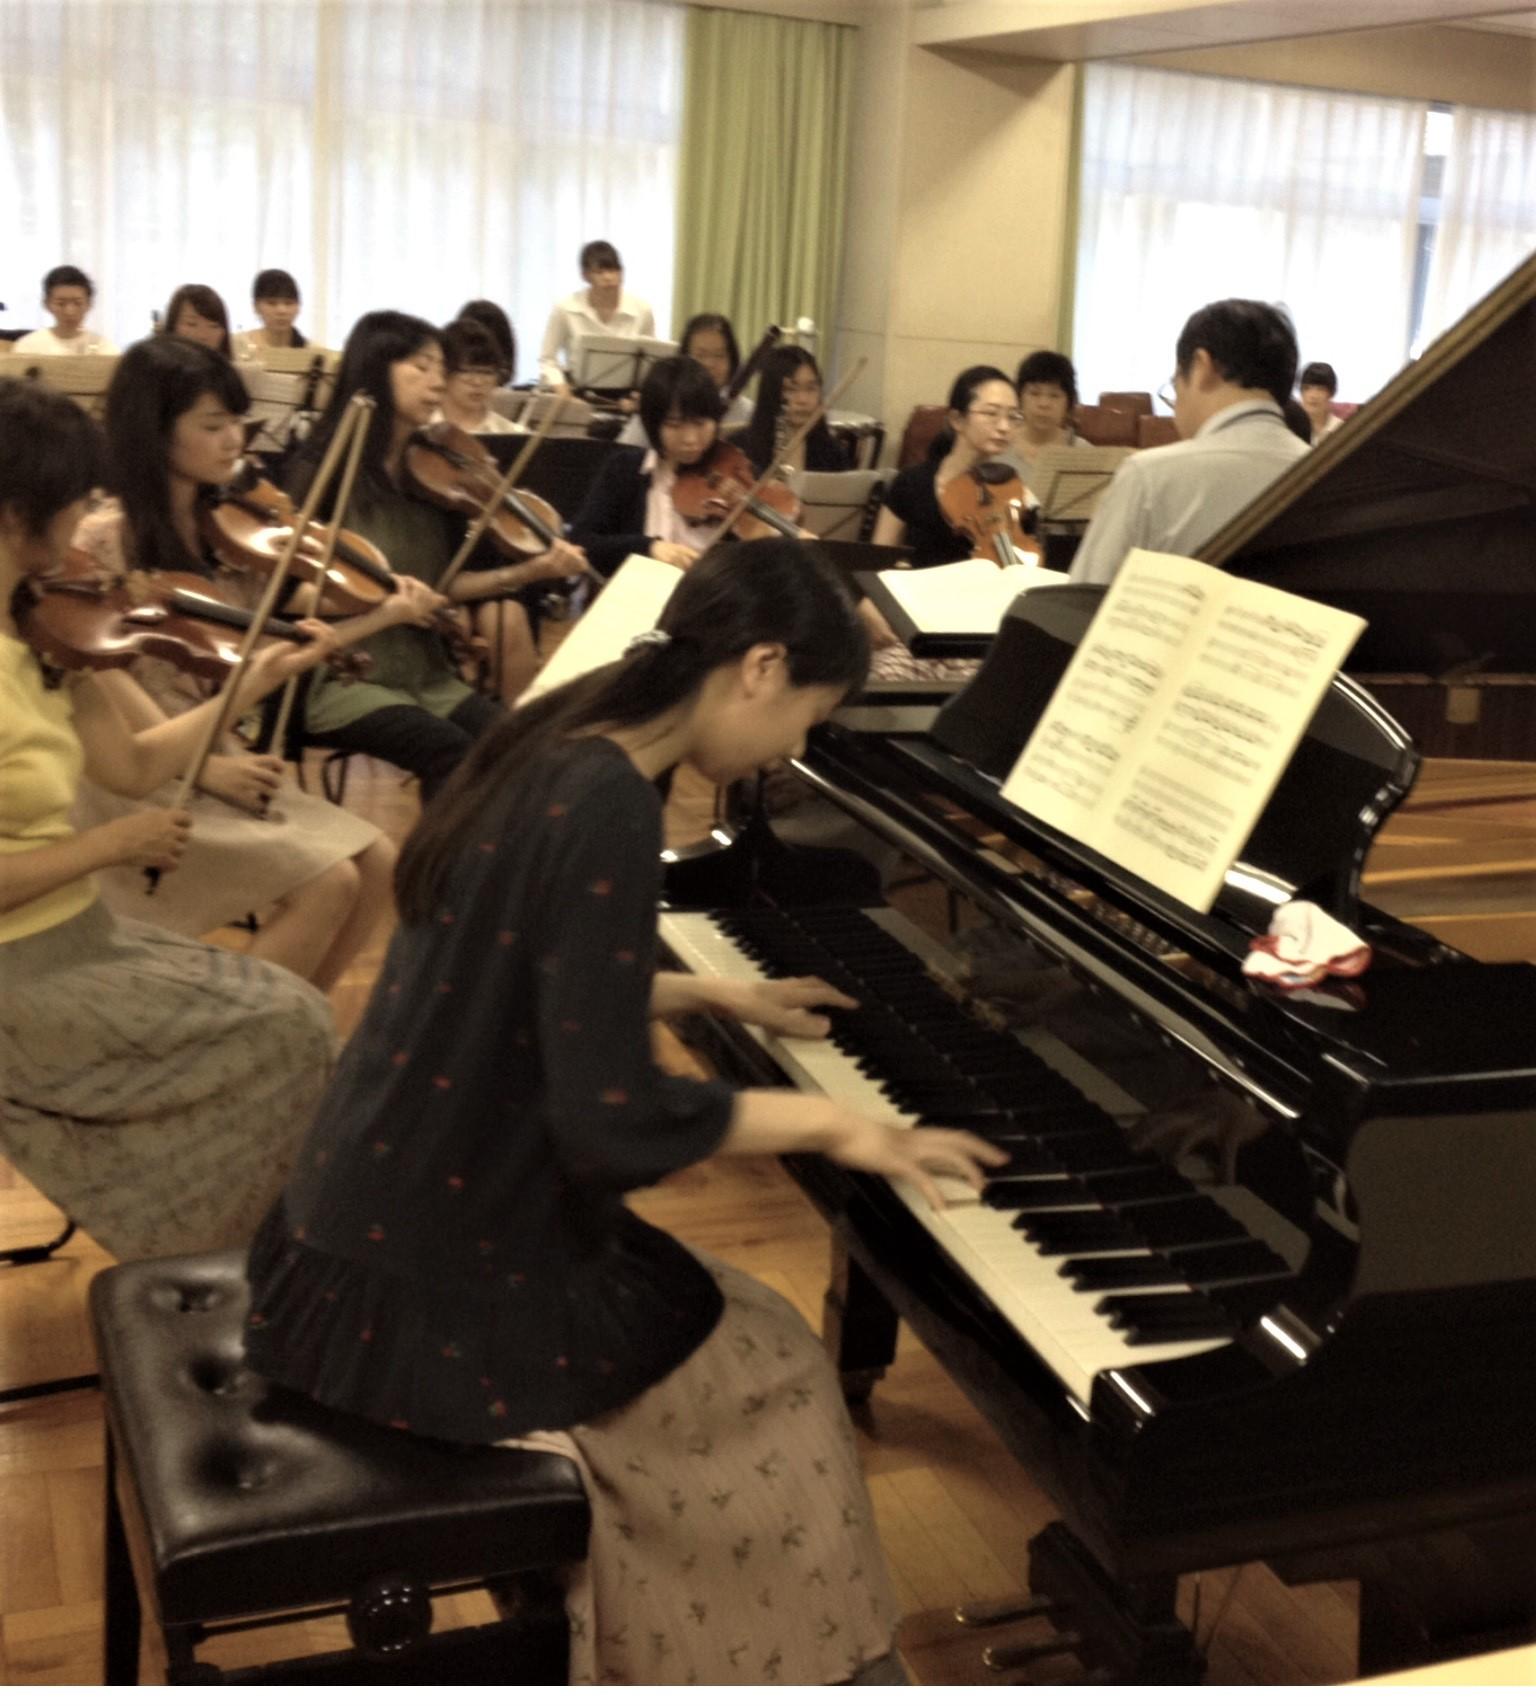 憧れのピアノ・コンチェルトが弾ける!